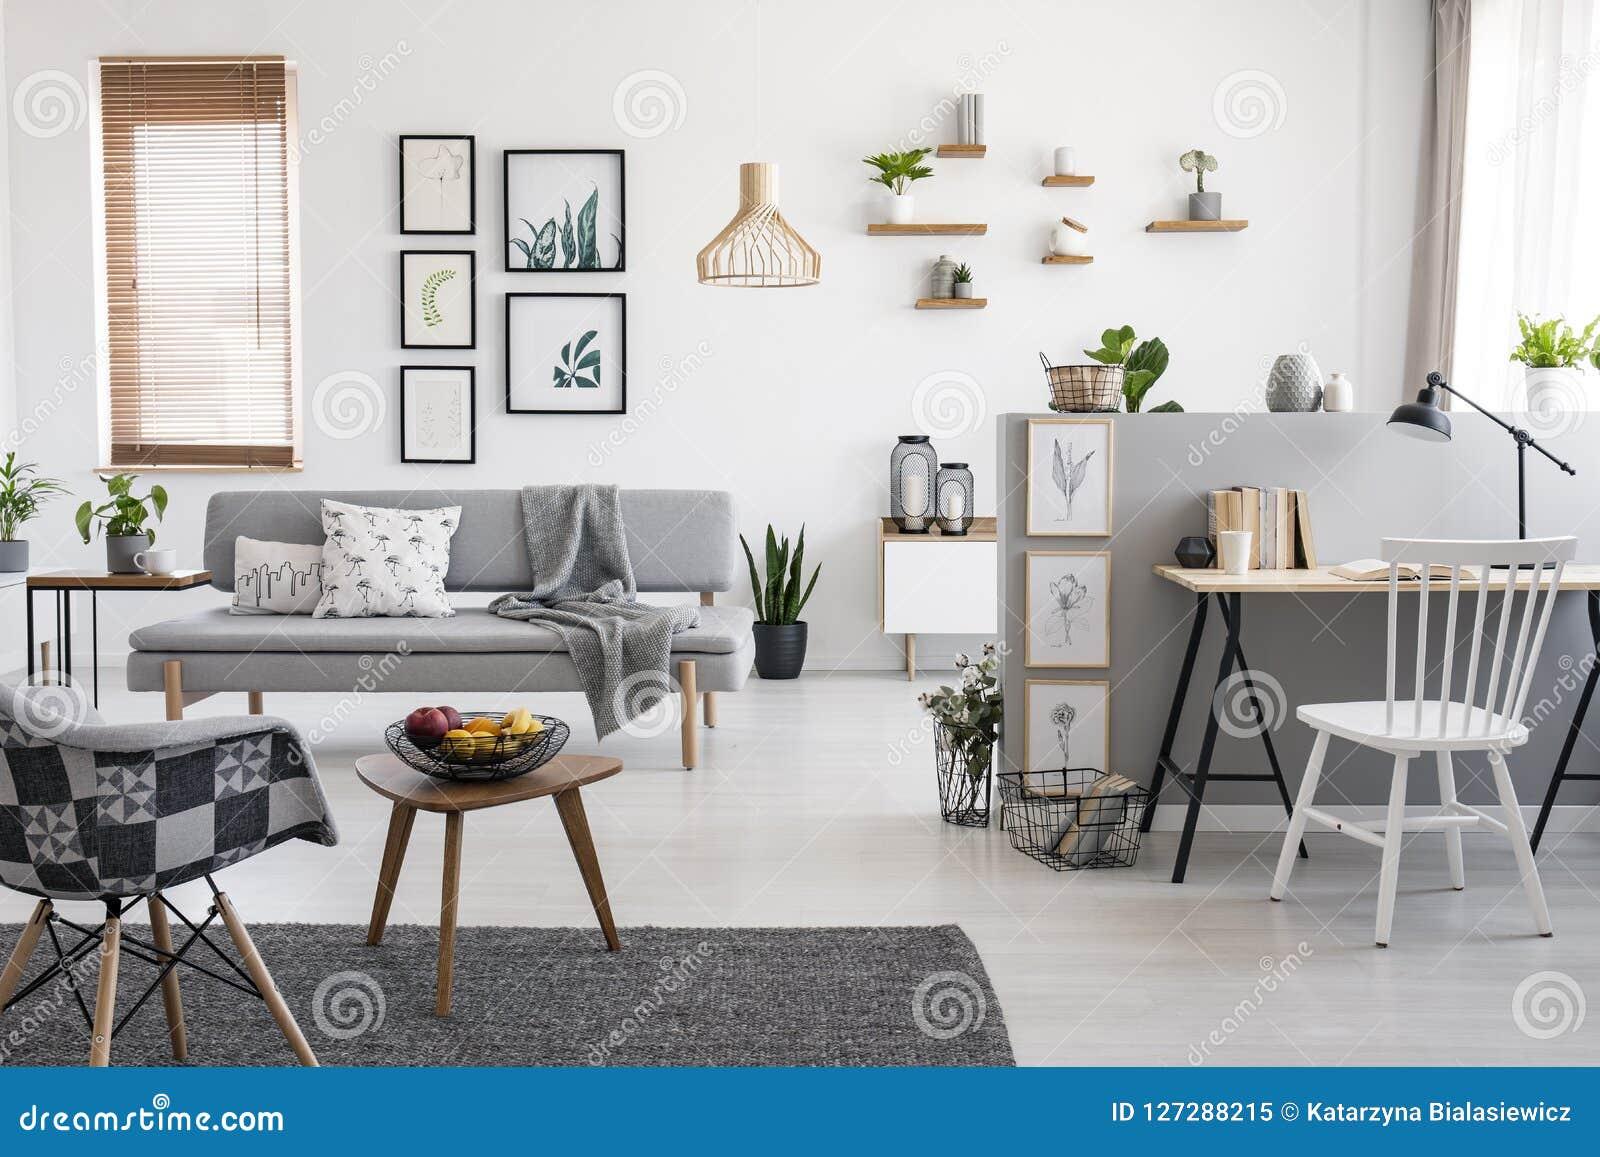 Chaise blanche au bureau dans l intérieur spacieux d appartement avec la galerie au-dessus du sofa gris près de la fenêtre Photo